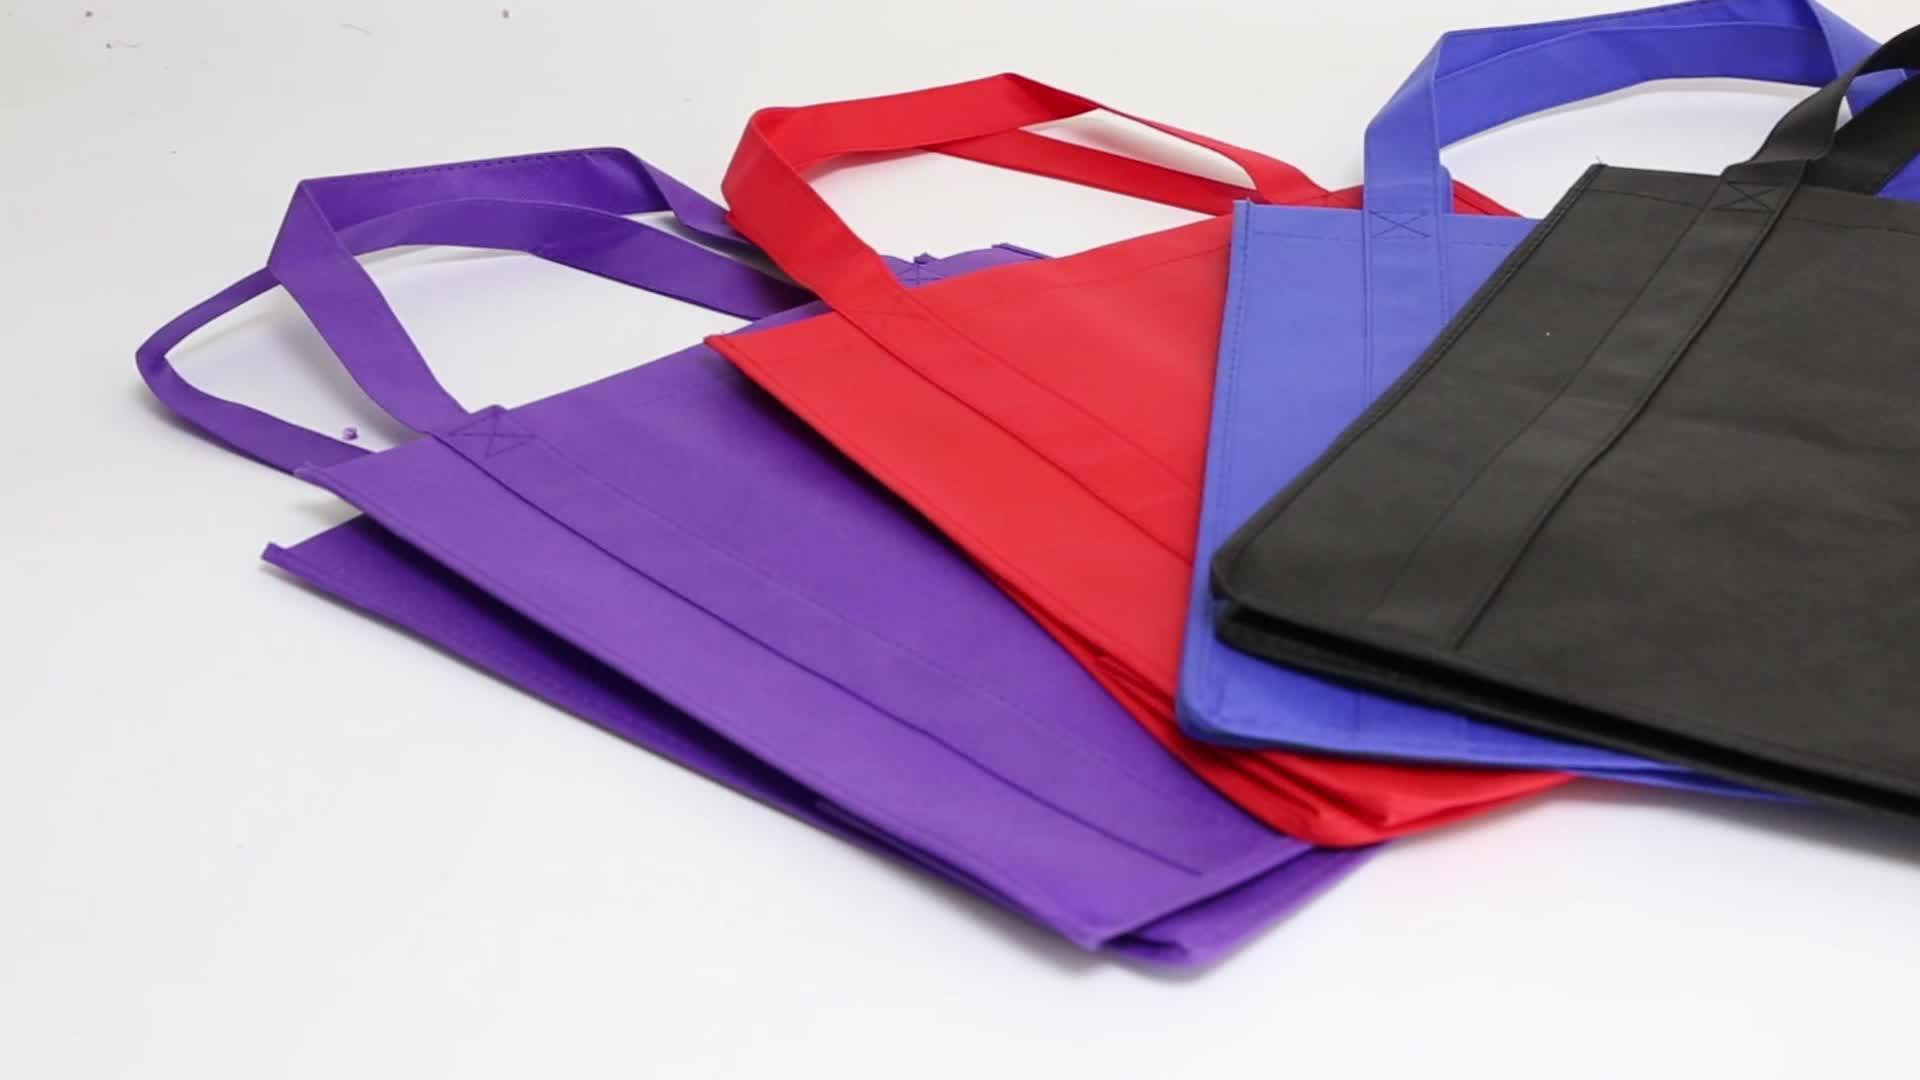 Yüksek kalite fabrika fiyat promosyon dikiş alışveriş torbaları olmayan dokuma kumaş taşıma çantası logolar ile özel baskı